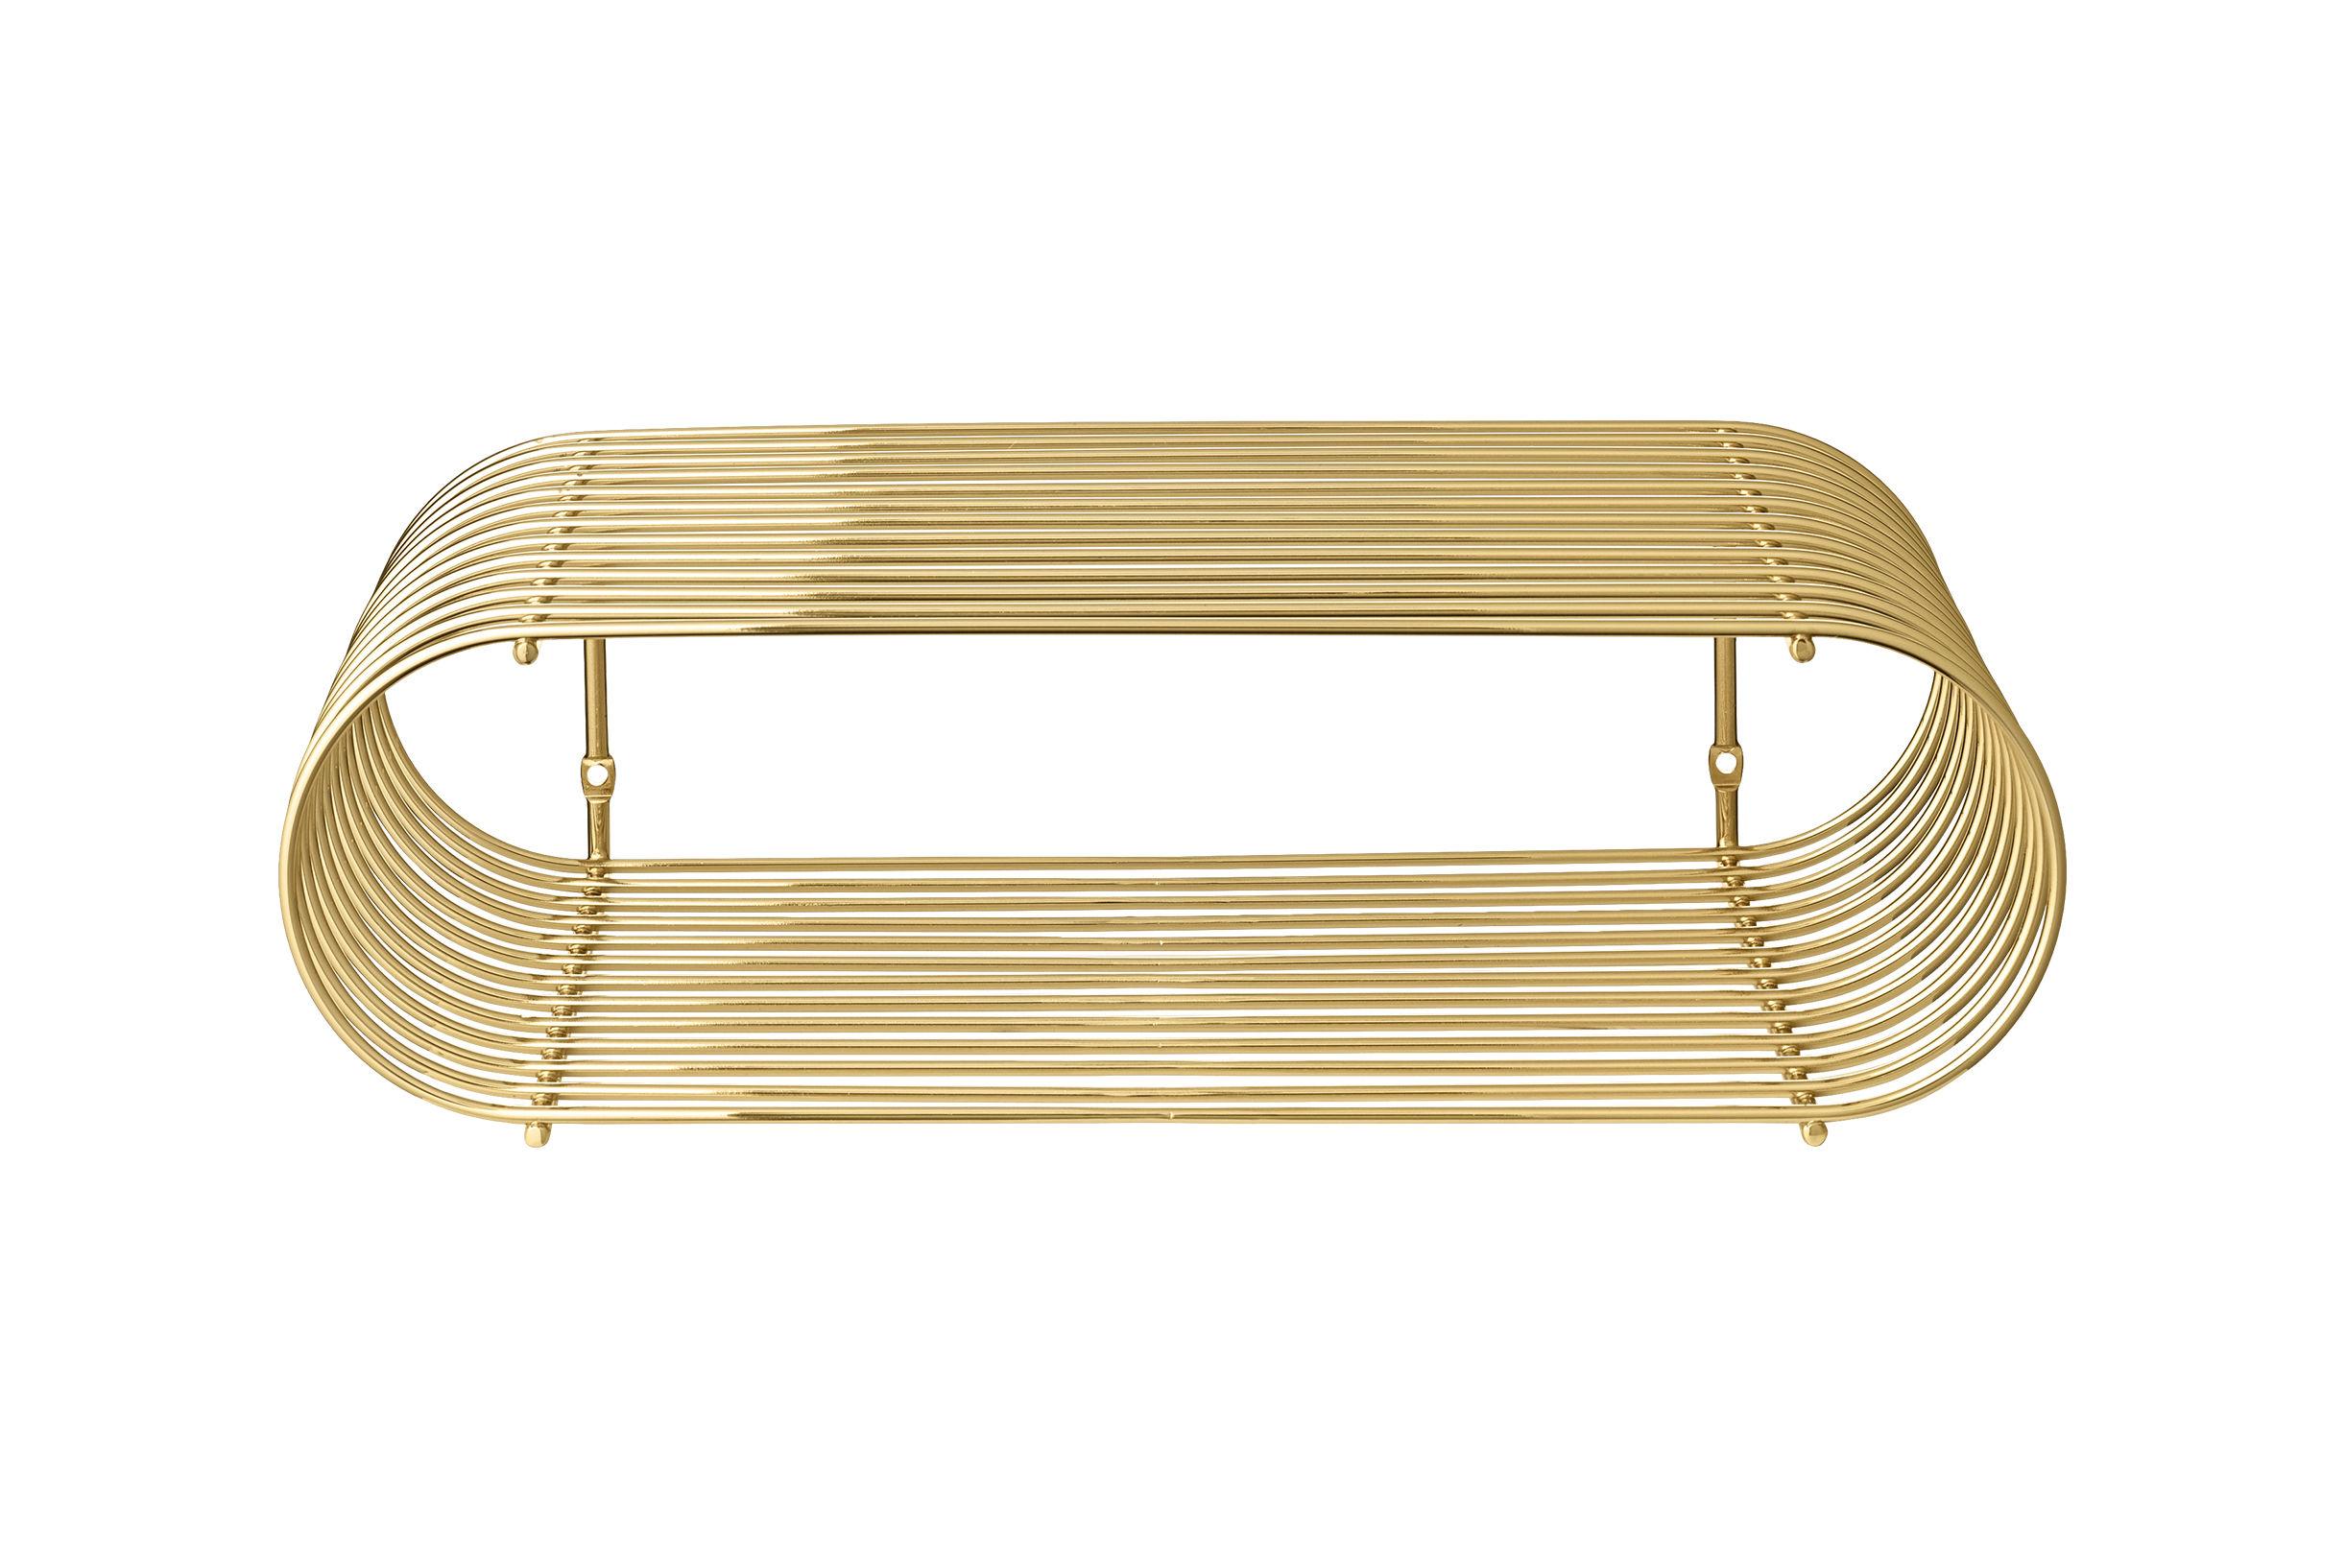 Möbel - Regale und Bücherregale - Curva Regal / L 40 cm - AYTM - Messing - Eisen, messingplatiert